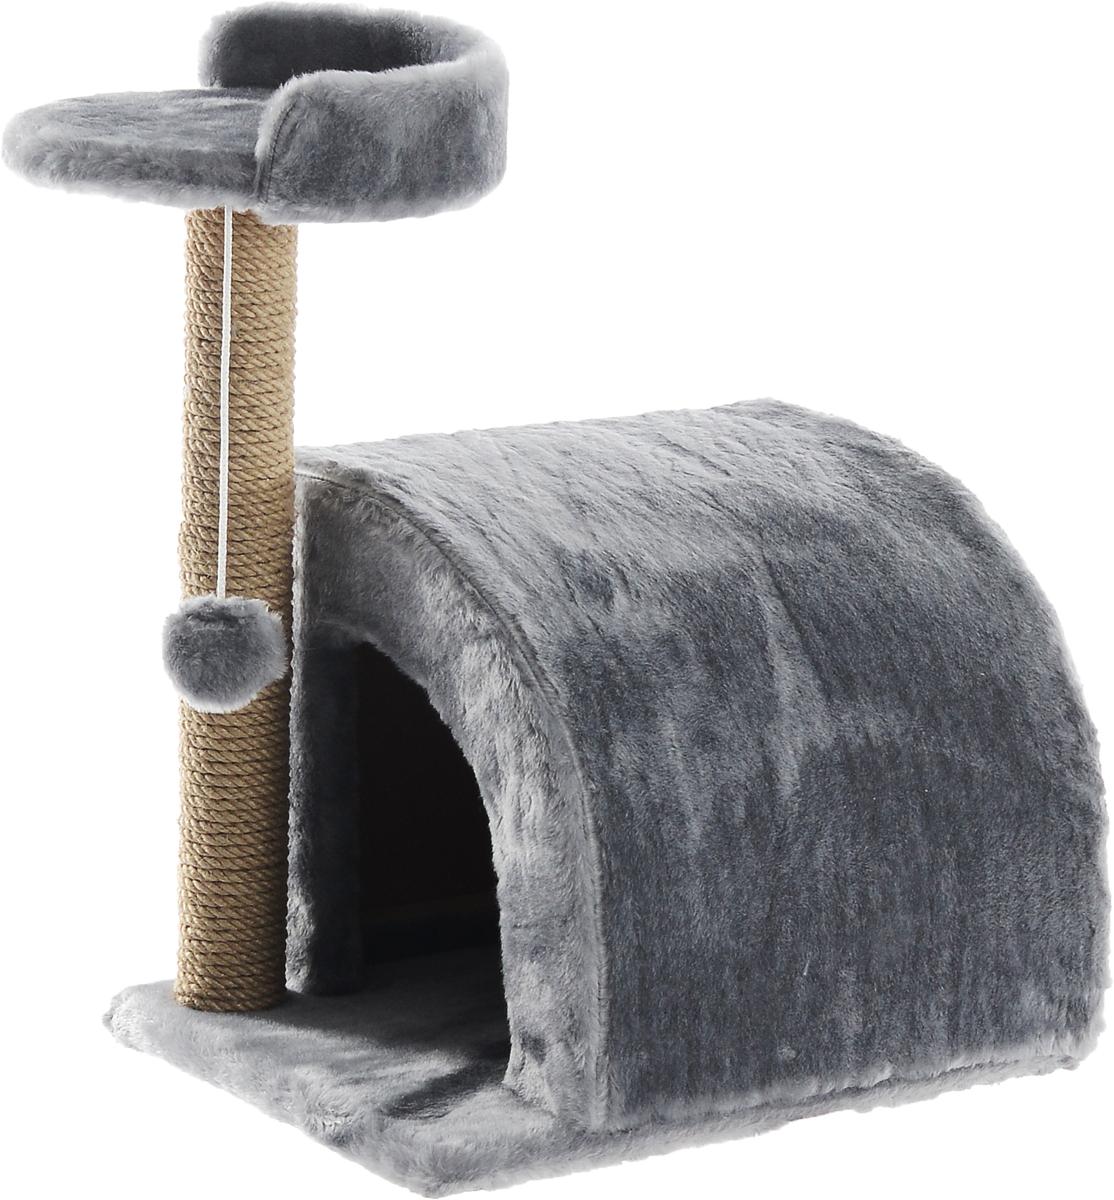 Домик-когтеточка Меридиан, полукруглый, цвет: светло-серый, бежевый, 54 х 40 х 59 смД518ССДомик-когтеточка Меридиан выполнен из высококачественного ДВП и ДСП и обтянут искусственным мехом. Изделие предназначено для кошек. Ваш домашний питомец будет с удовольствием точить когти о специальный столбик, изготовленный из джута. А отдохнуть он сможет либо на полке, либо в домике. Изделие снабжено подвесной игрушкой. Домик-когтеточка Меридиан принесет пользу не только вашему питомцу, но и вам, так как он сохранит мебель от когтей и шерсти. Общий размер: 54 х 40 х 59 см. Размер домика: 36 х 36 х 32 см. Размер полки: 27 х 26 см.